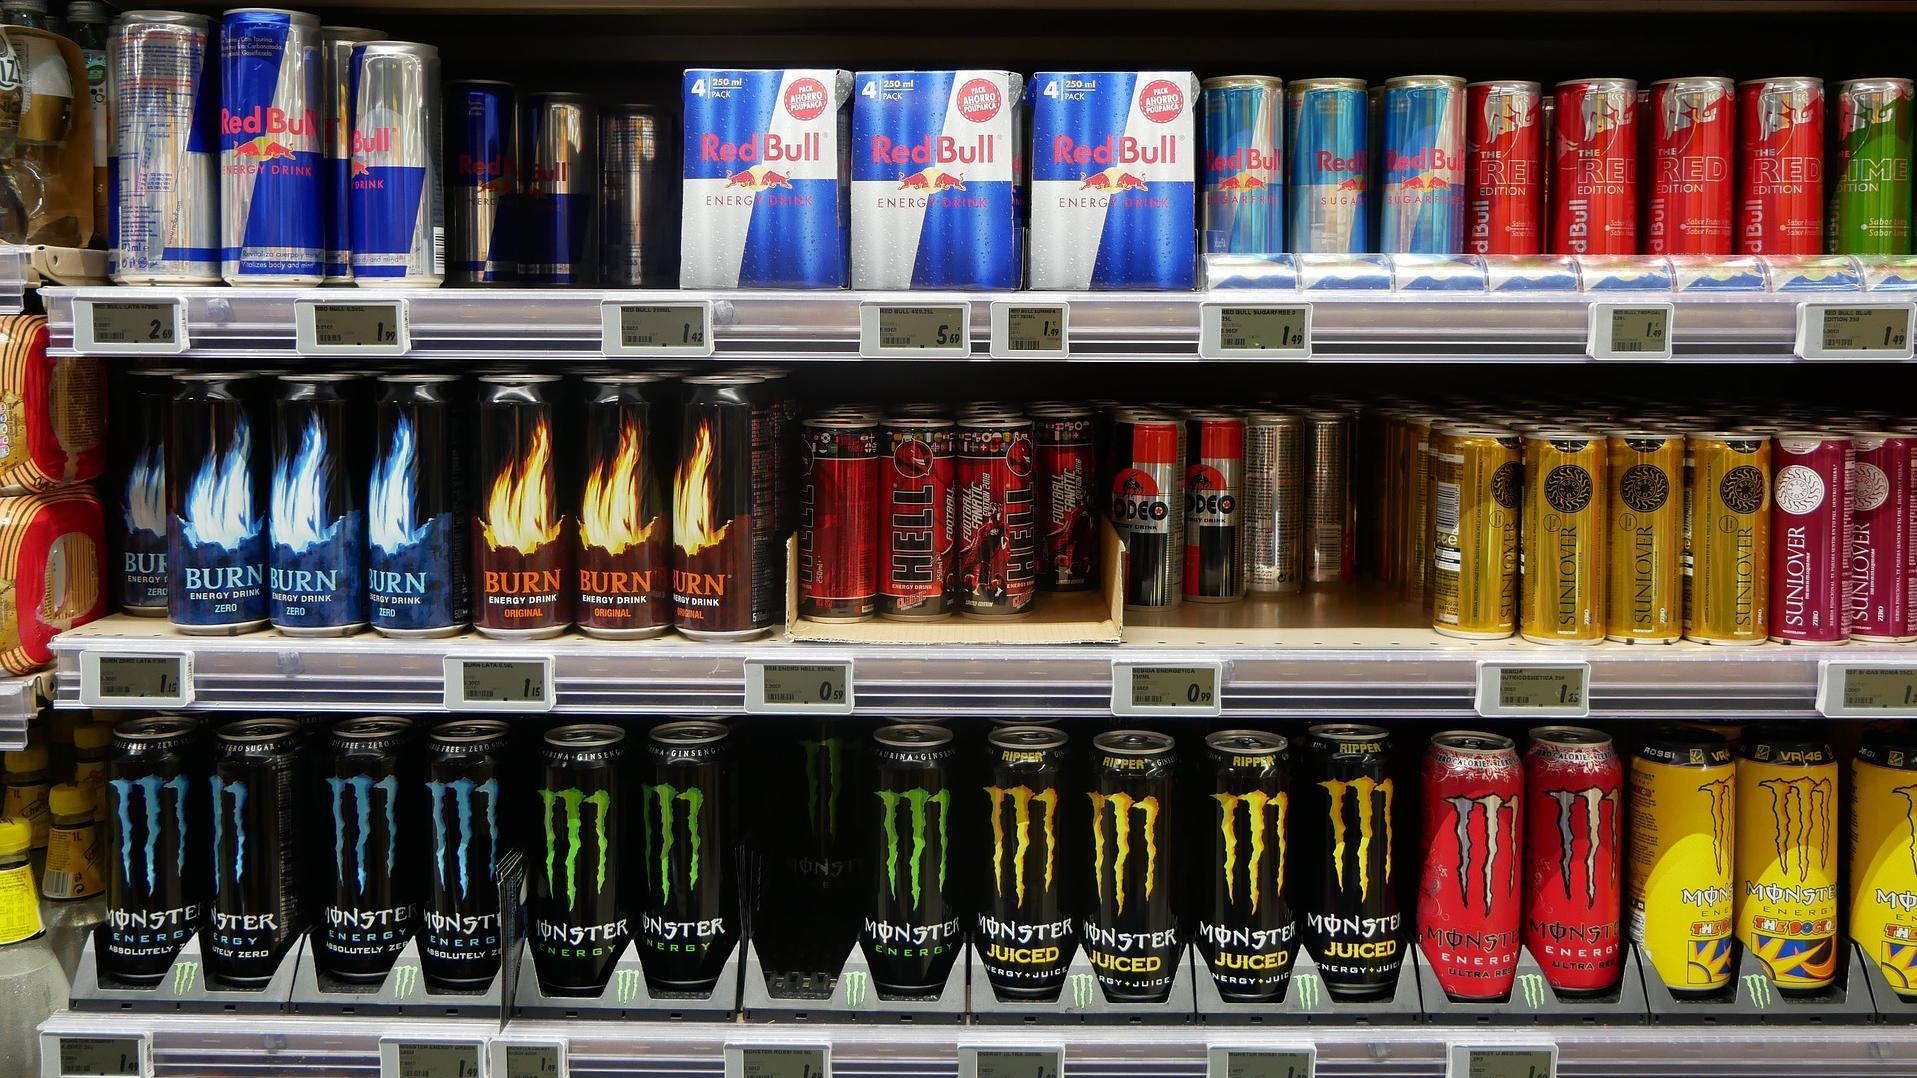 Vor dem Supermarktregal stellt sich die Frage, ab wann man Red Bull trinken und kaufen darf. Bisher gibt es dazu allerdings keine gesetzlichen Vorgaben.